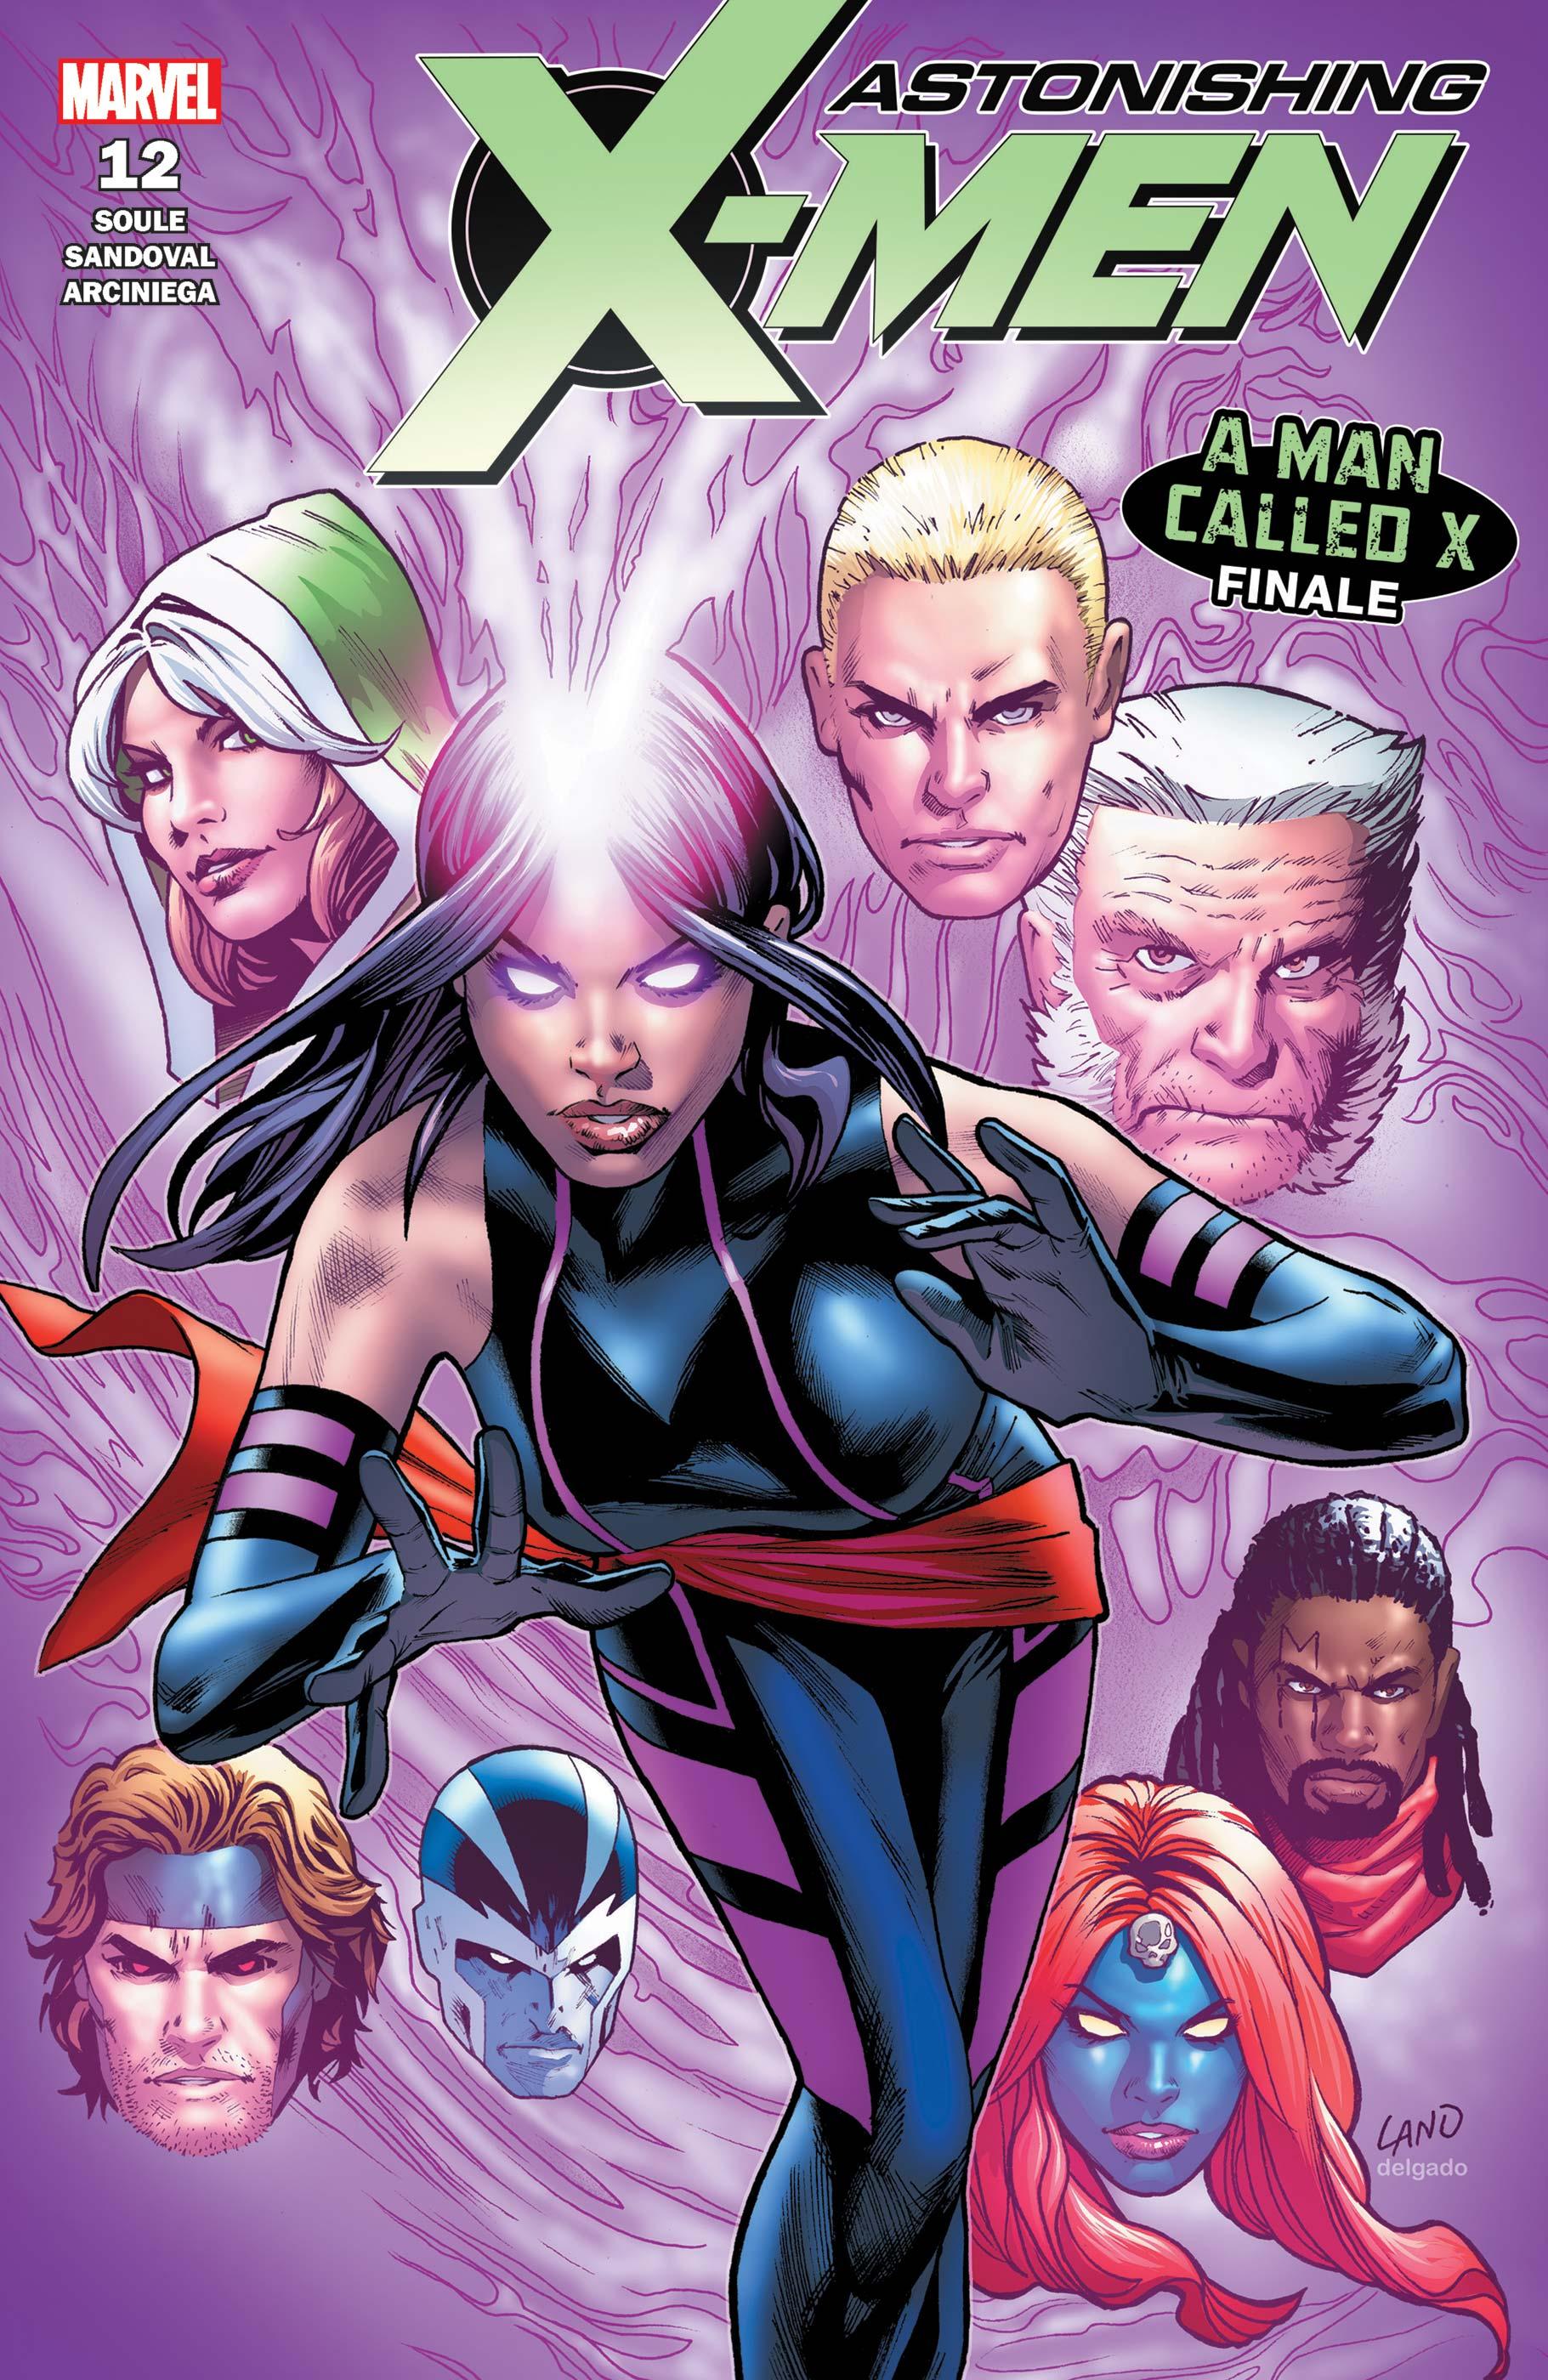 Astonishing X-Men (2017) #12